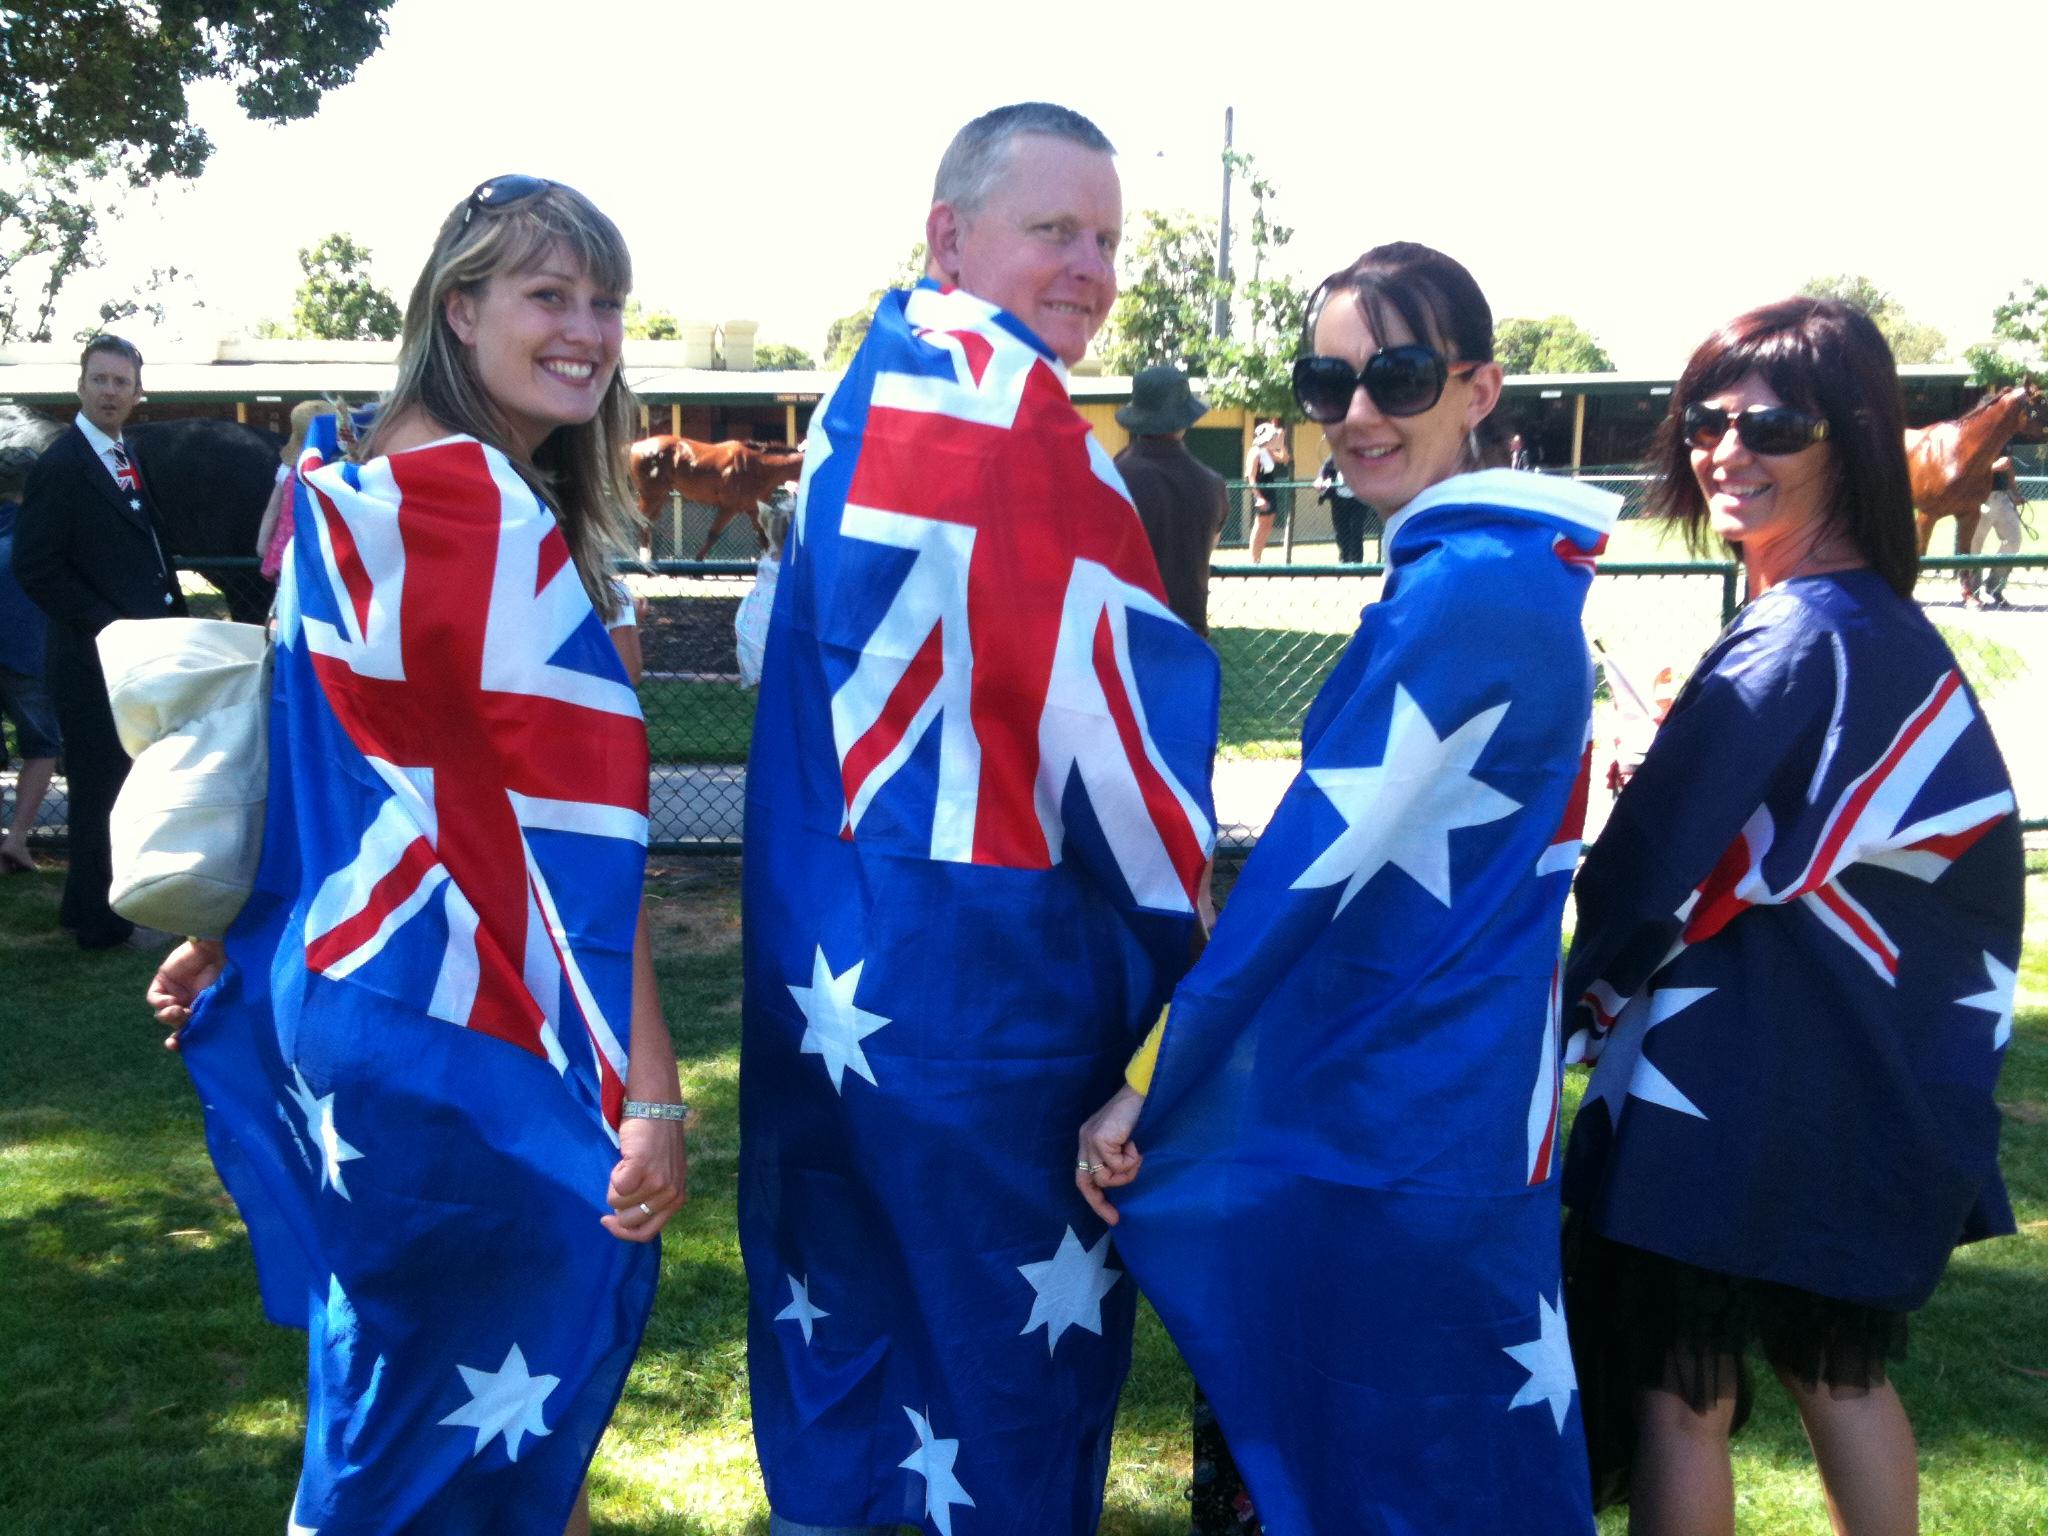 dân nhập cư càng ngày càng đông như hiện nay thì Úc đang đứng trước vấn đề đáng lo ngại cả về các chi phí an sinh xã hội, việc làm, y tế… định cư úc